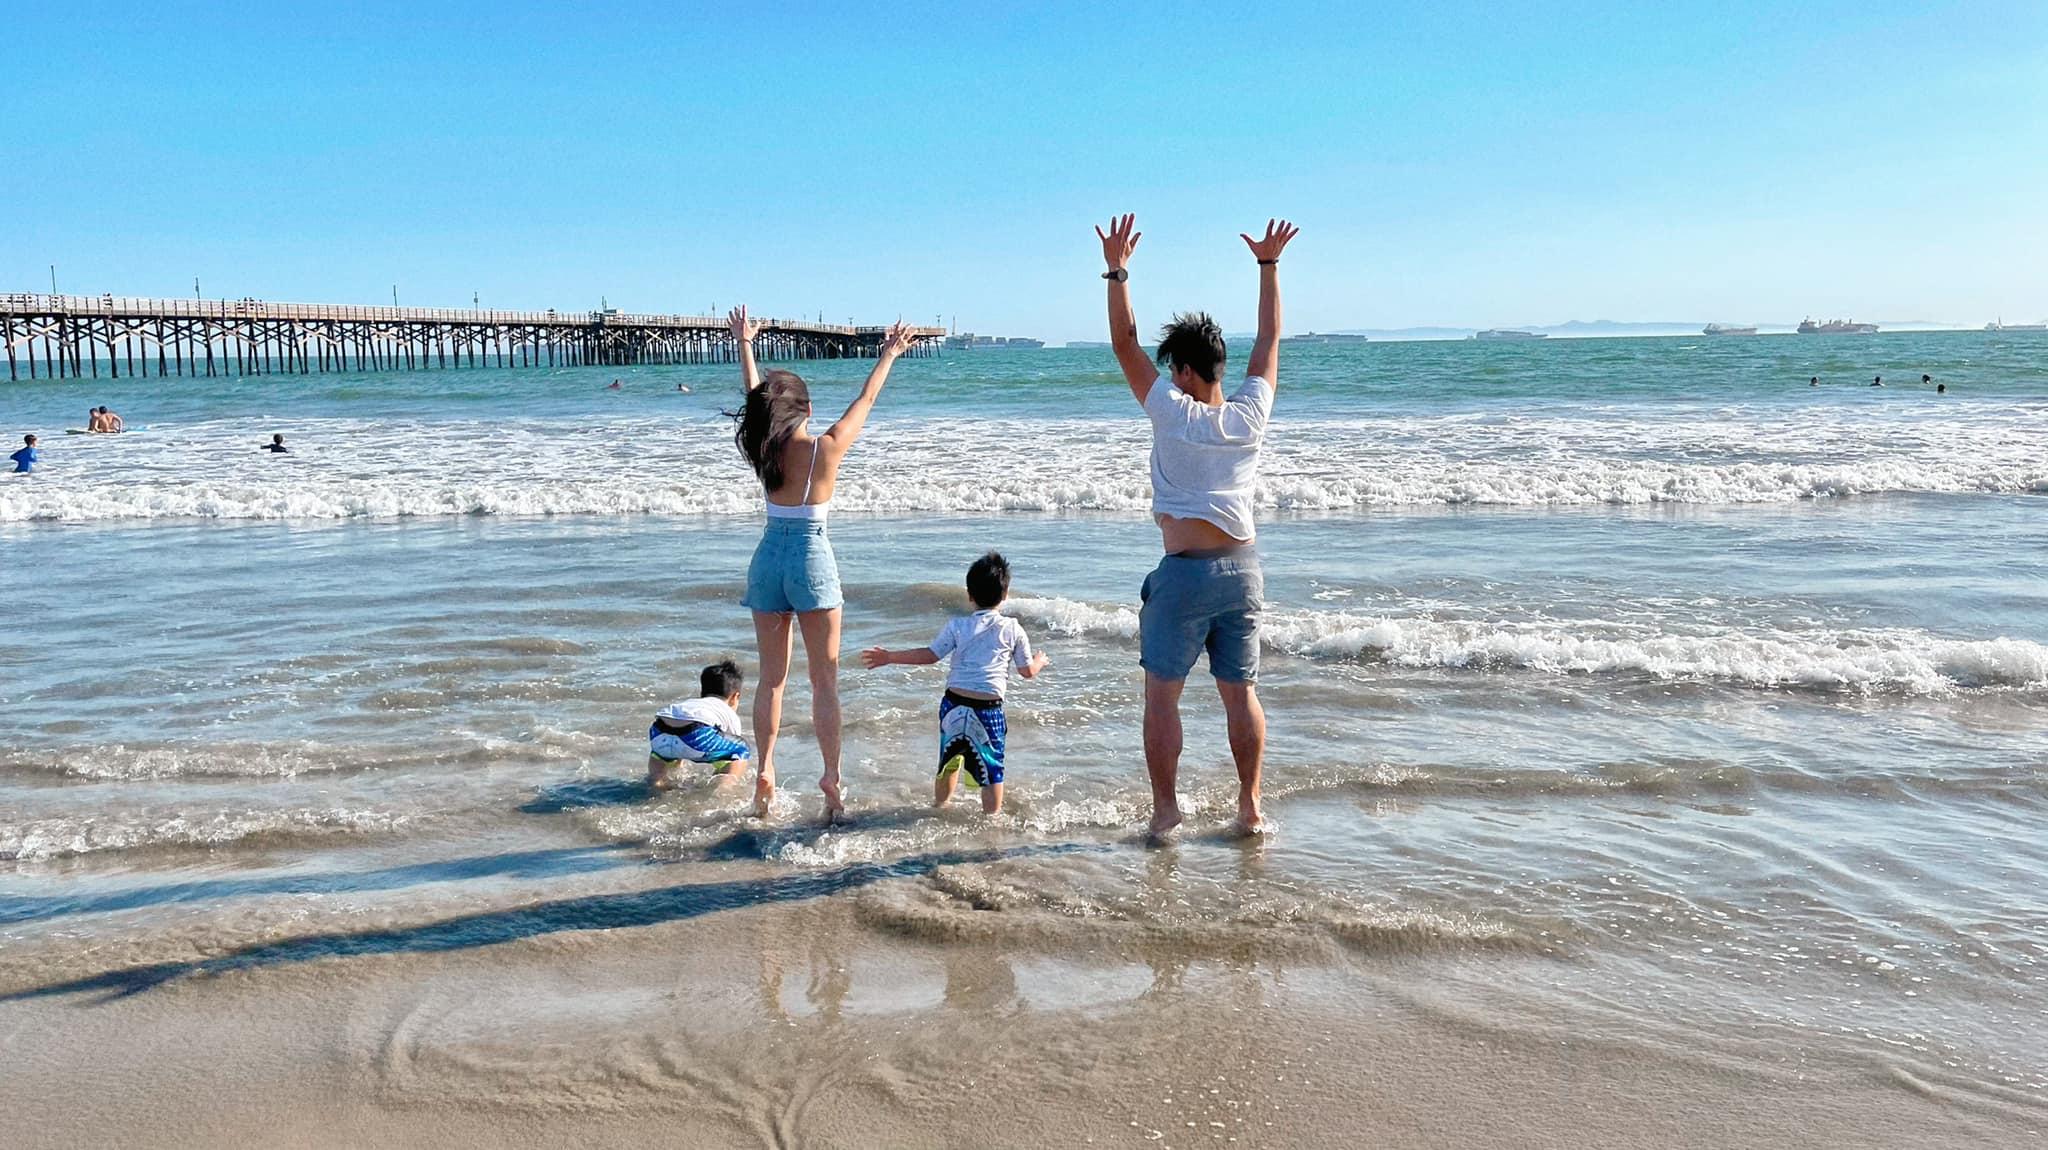 """Một ngày của mẹ con hot mom Quỳnh Trâm sau 1 năm """"kẹt"""" ở Mỹ vì dịch Covid: Lên rừng xuống biển khám phá, cuối tuần đi picnic khắp nơi - Ảnh 4."""